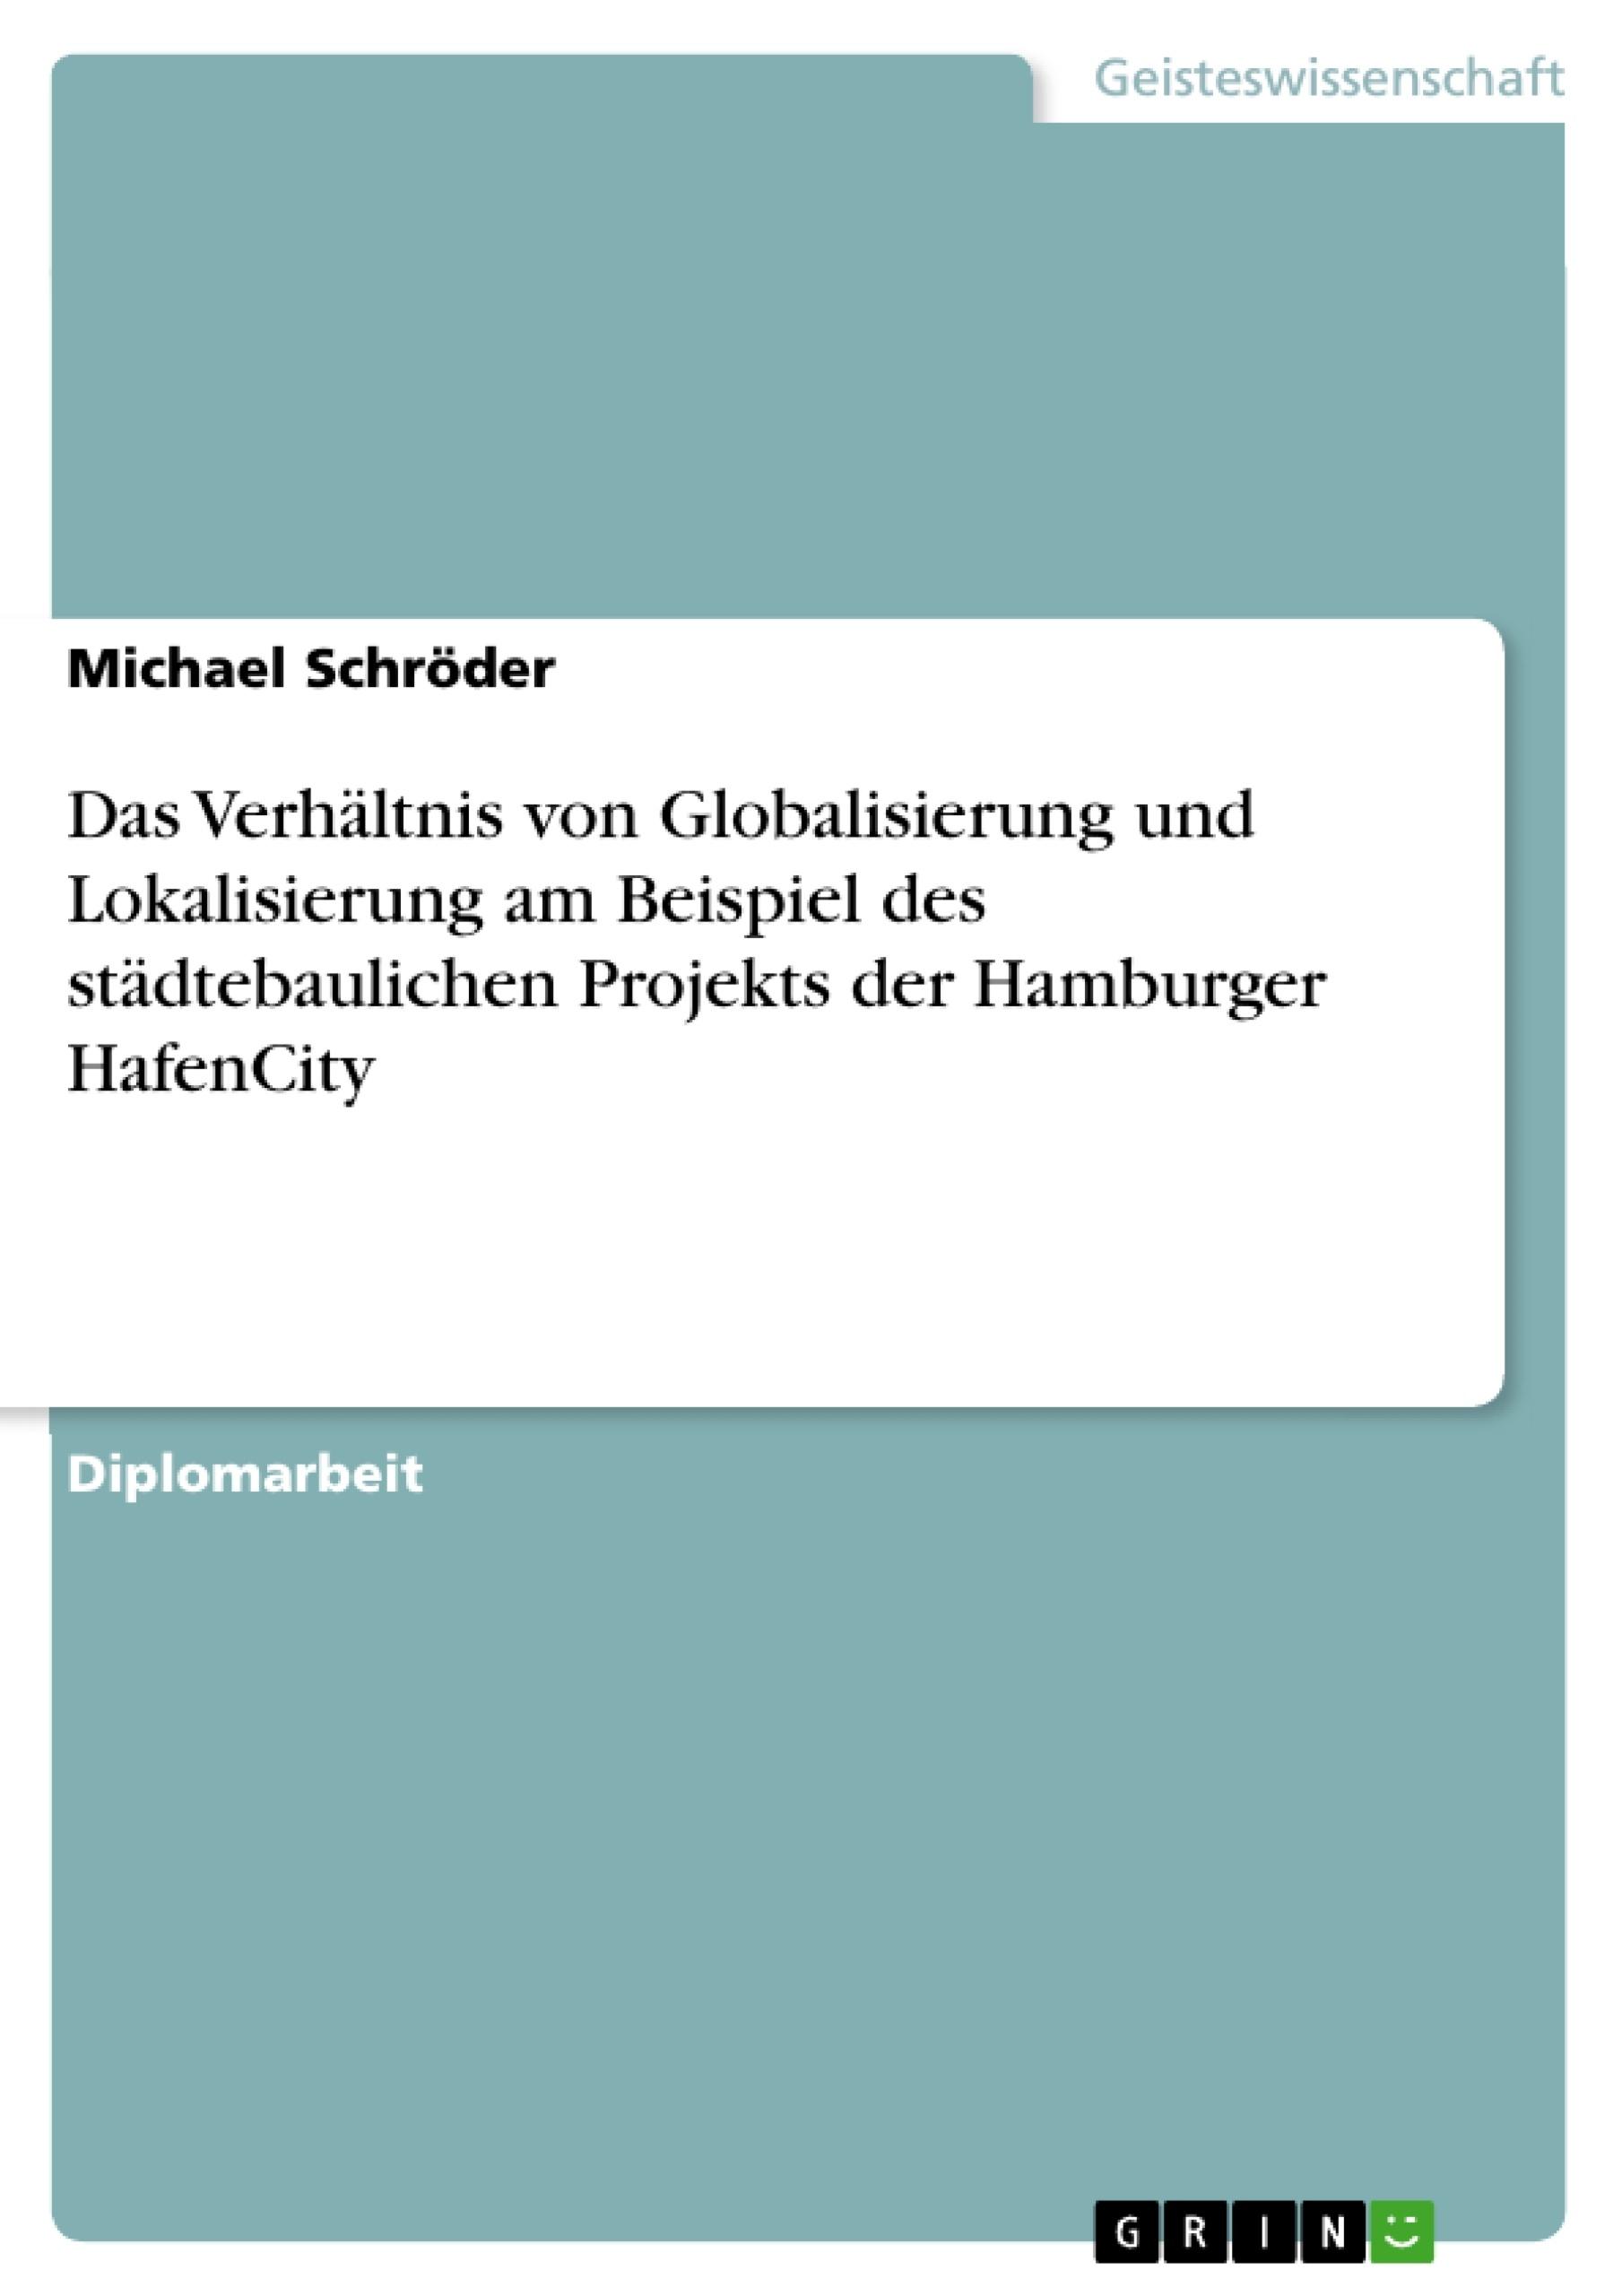 Titel: Das Verhältnis von Globalisierung und Lokalisierung am Beispiel des städtebaulichen Projekts der Hamburger HafenCity